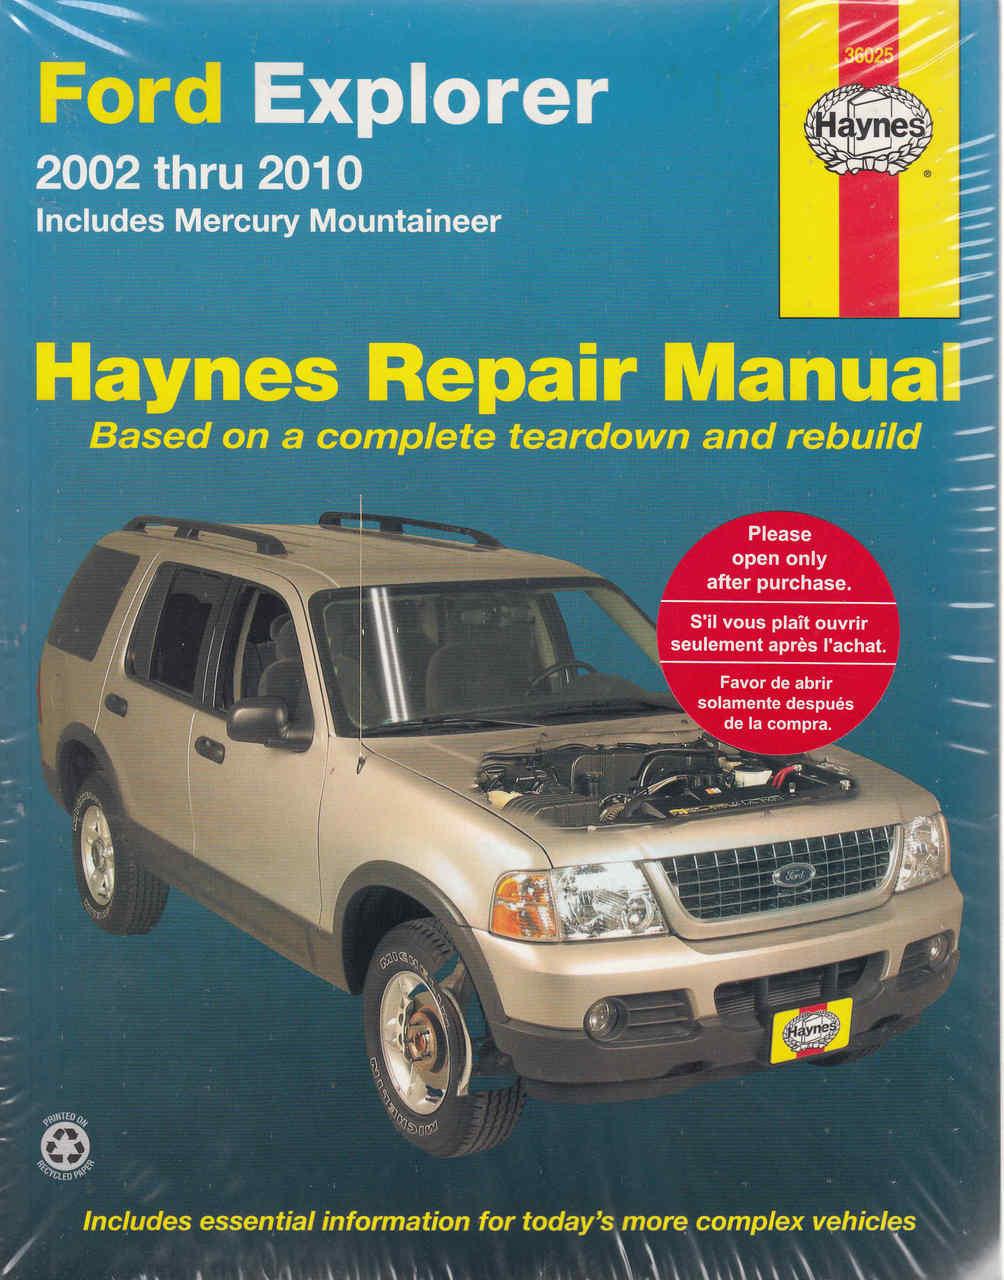 Ford Explorer 2002 - 2010 Workshop Manual (9781563928116) - front ...